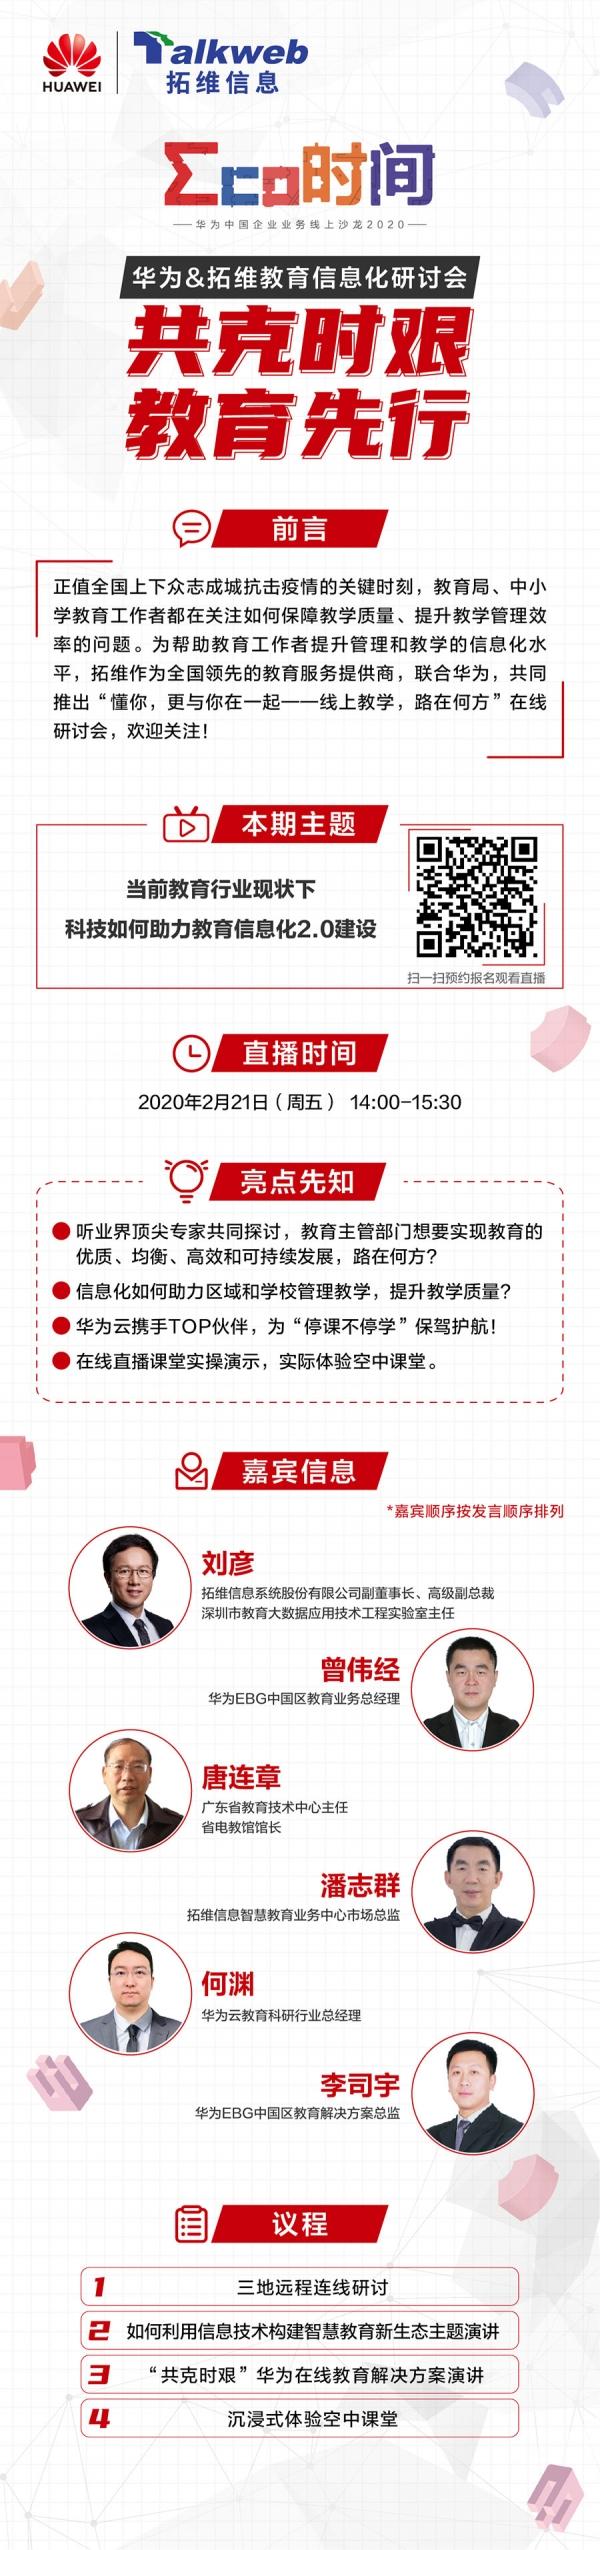 共克时艰 教育先行丨华为&拓维线上信息化研讨会